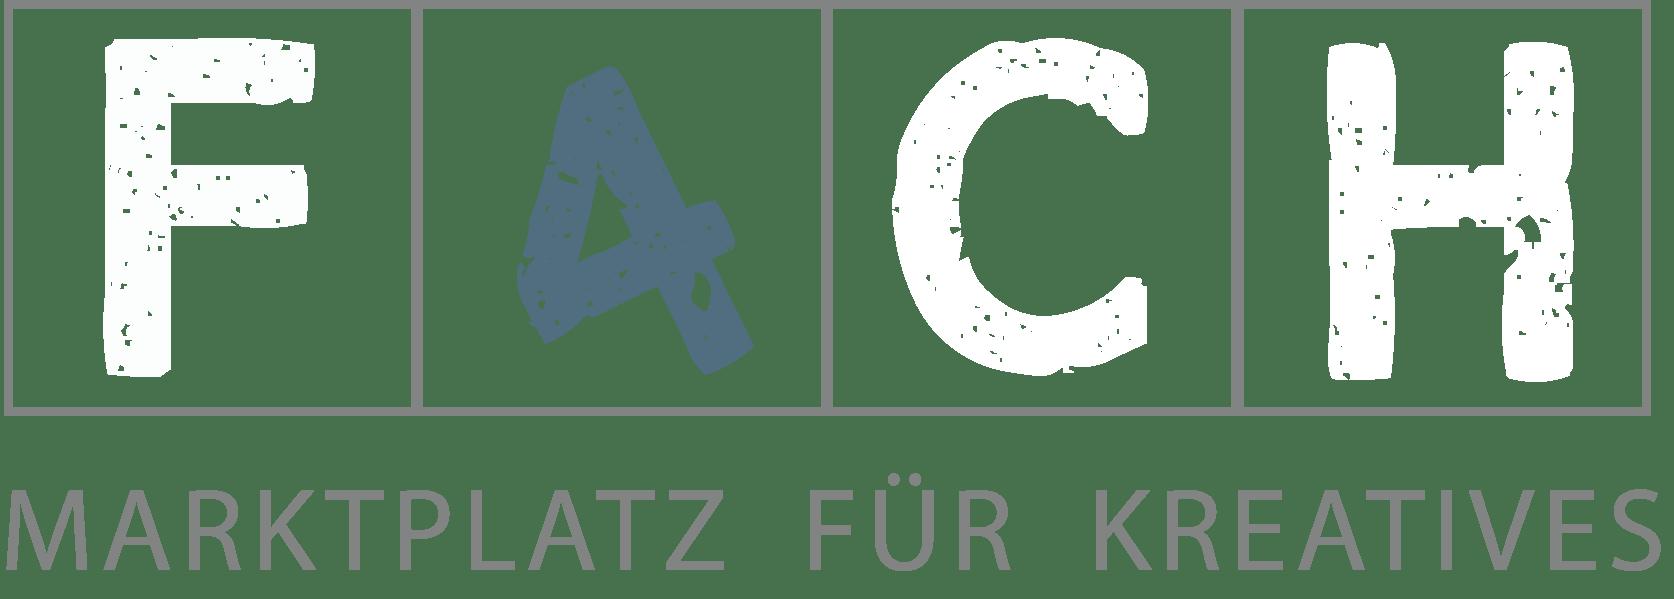 fach4 – Marktplatz für Kreatives